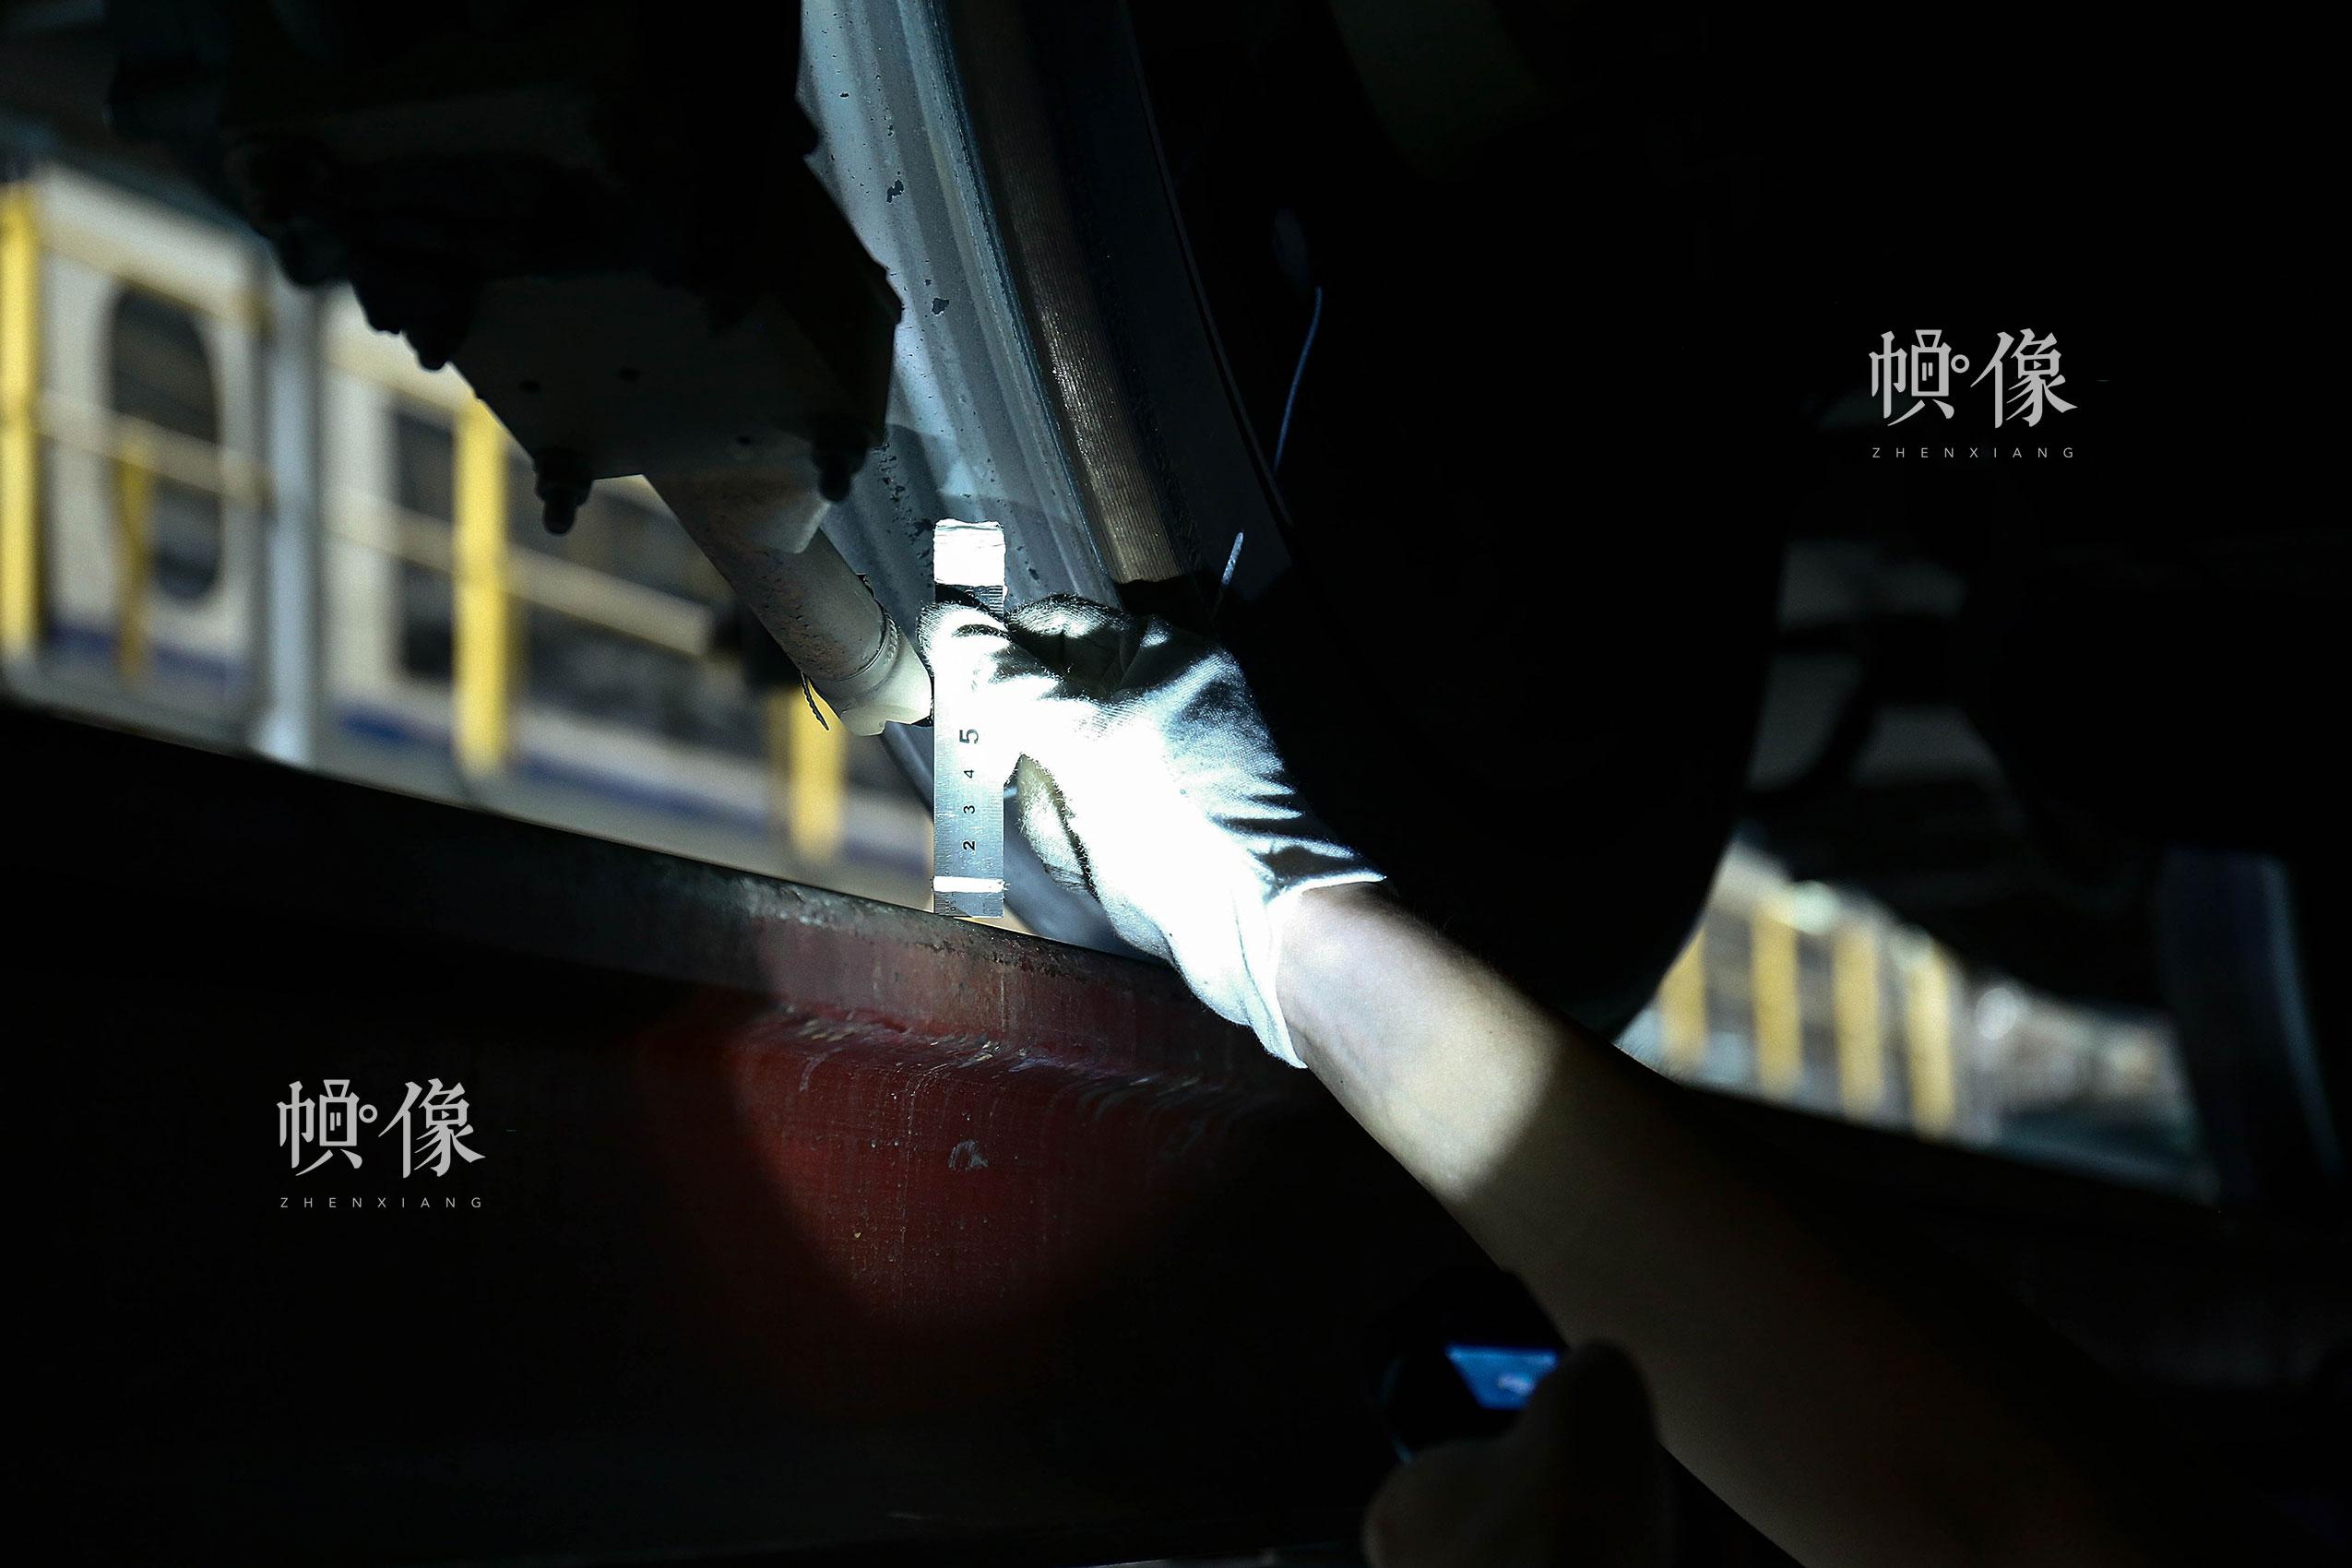 车辆行驶中需要利用撒砂系统增加轨面摩擦力,作业人员利用钢板尺测量撒砂管与轨道之间的高度。中国网记者 黄富友 摄